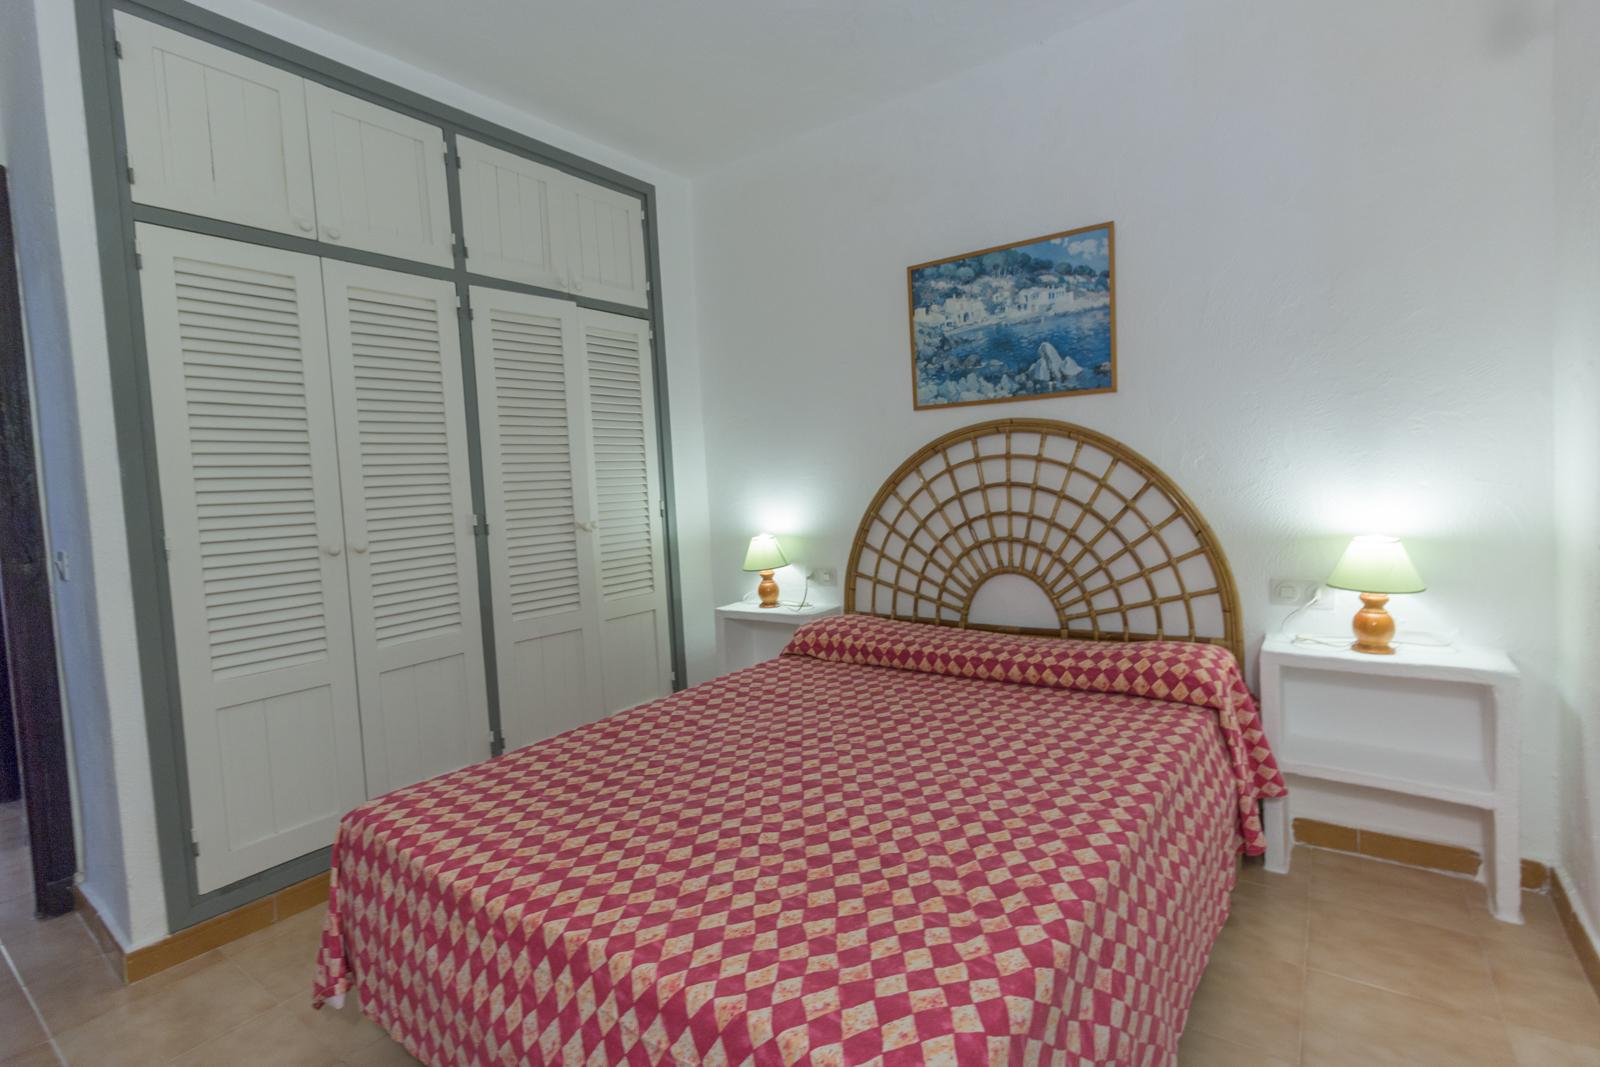 Wohnung in Son Parc Ref: M7728 (2) 7